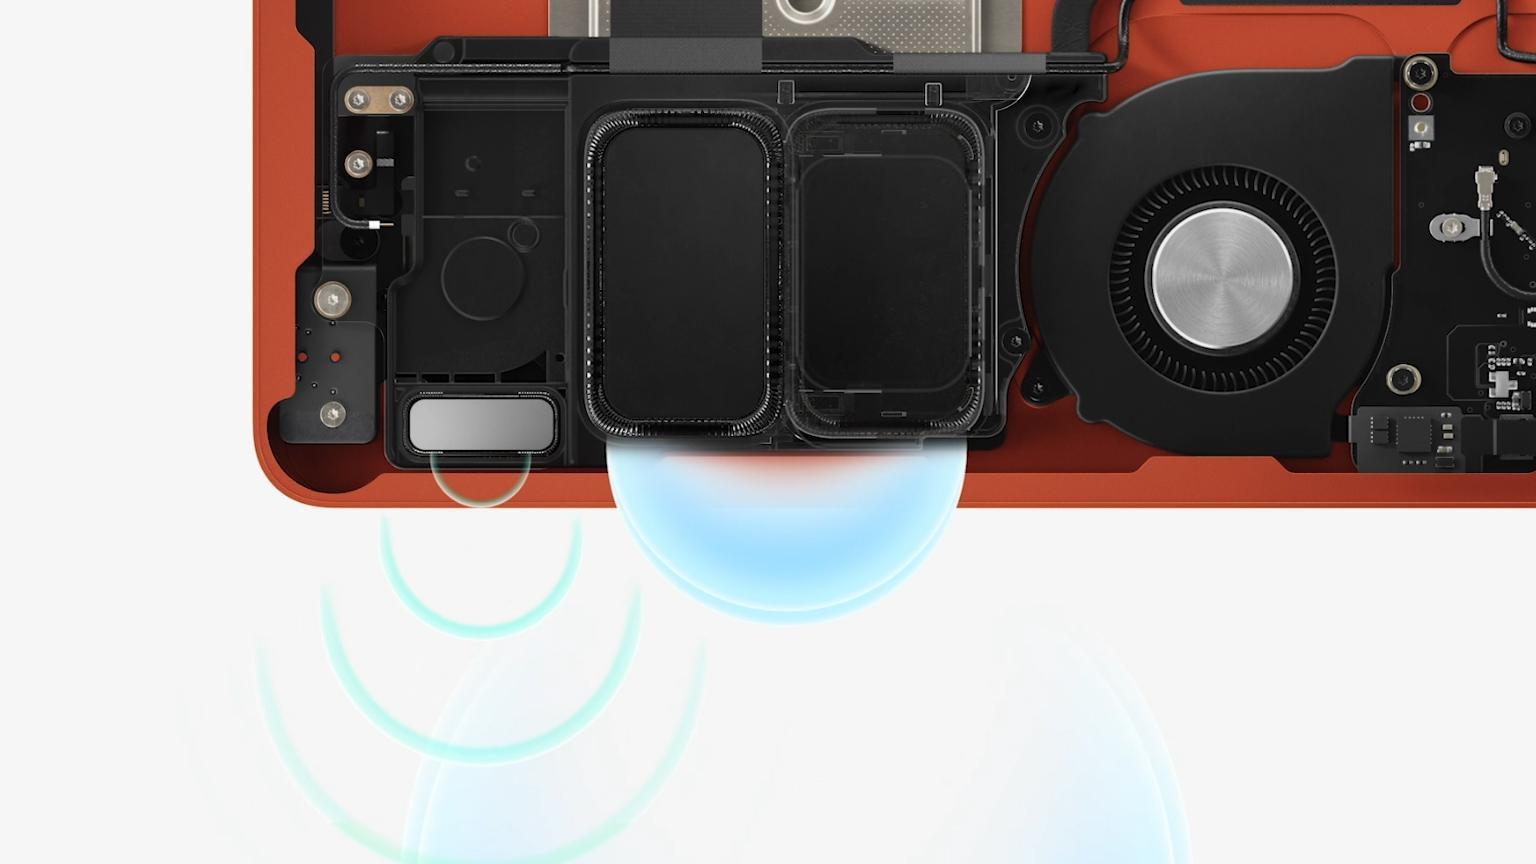 Deler av det nye høyttalersystemet, med basselement og diskant.